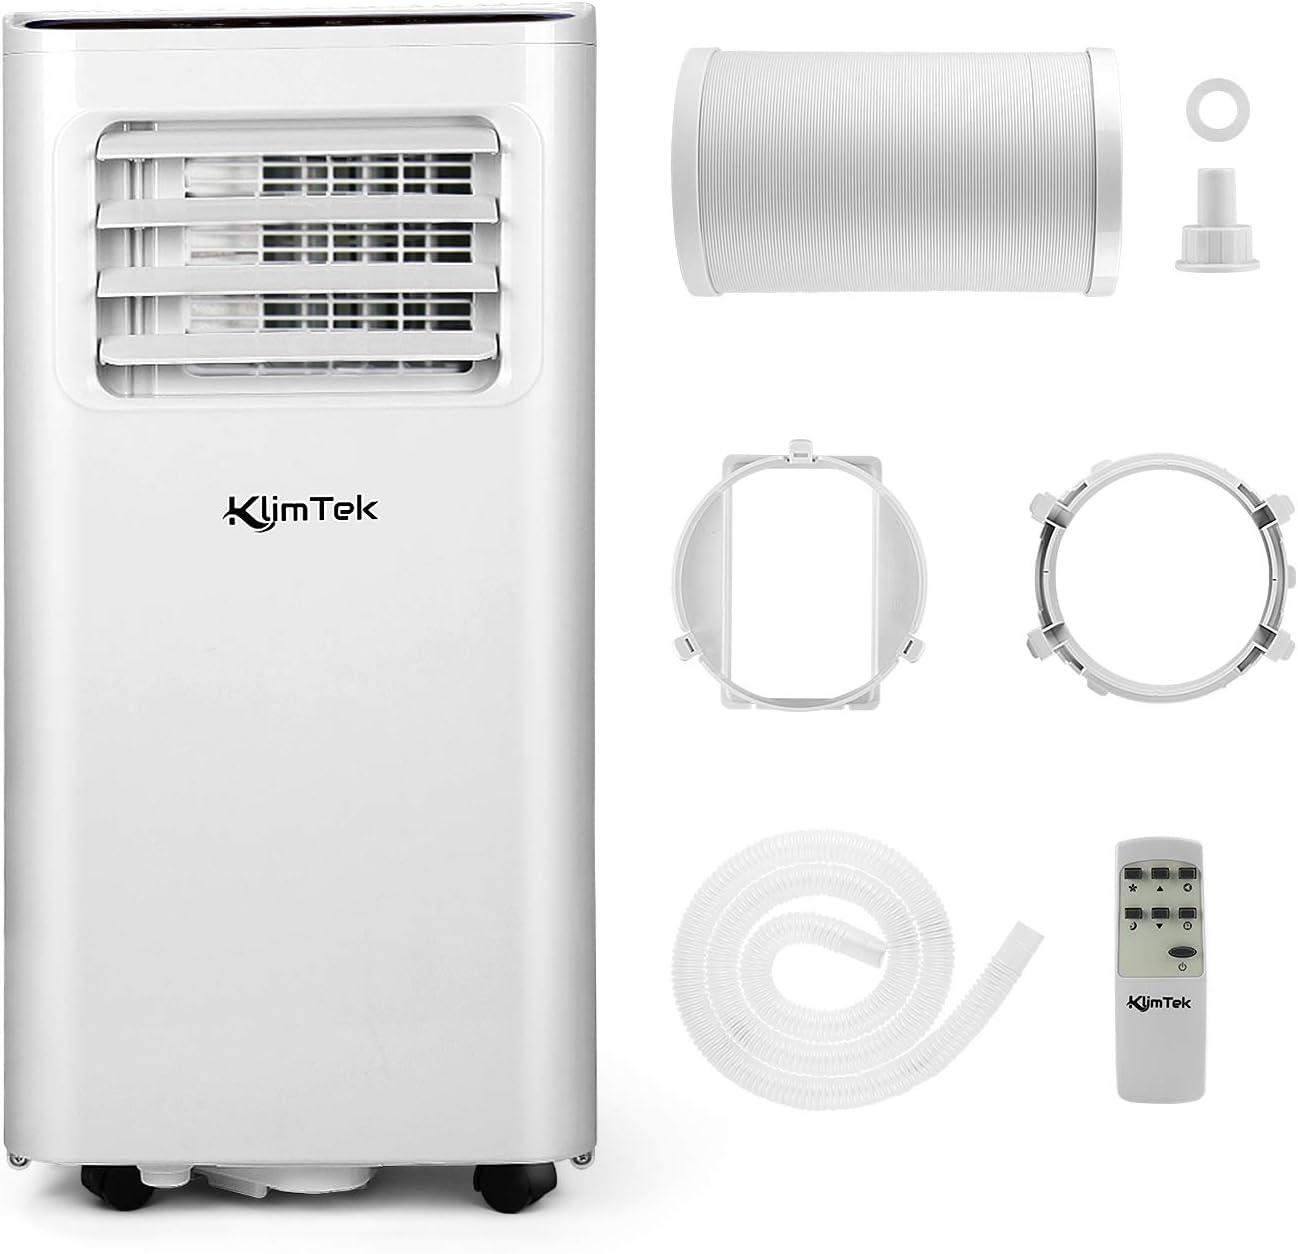 KlimTek Tuyau pour climatiseur portatif rallonge de tuyau de conduit de ventilation PP 5,9 pouces de diam/ètre universel avec longueur 59 pouces/…